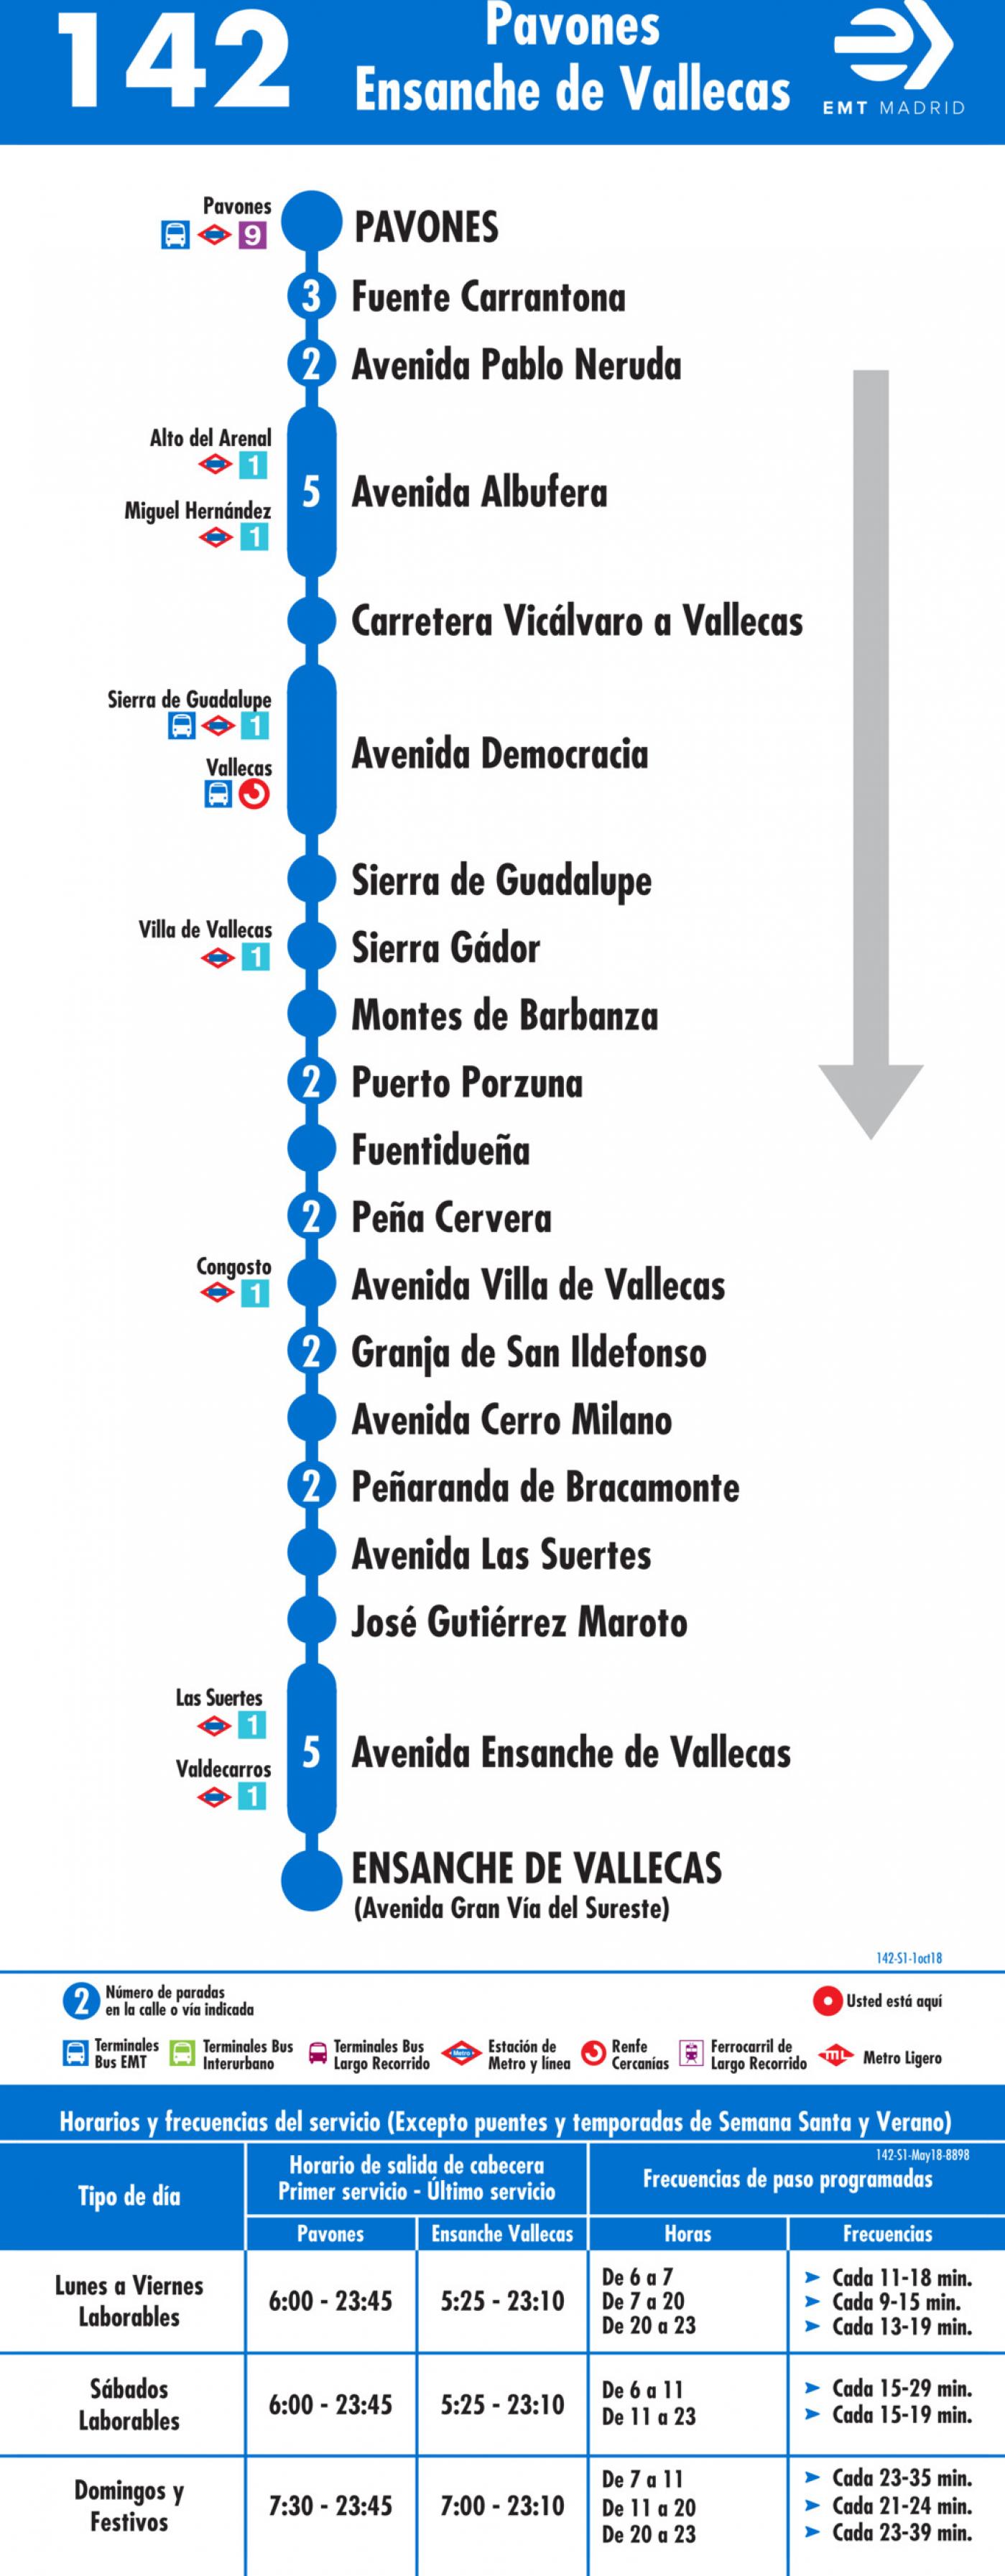 Tabla de horarios y frecuencias de paso en sentido ida Línea 142: Pavones - Ensanche de Vallecas